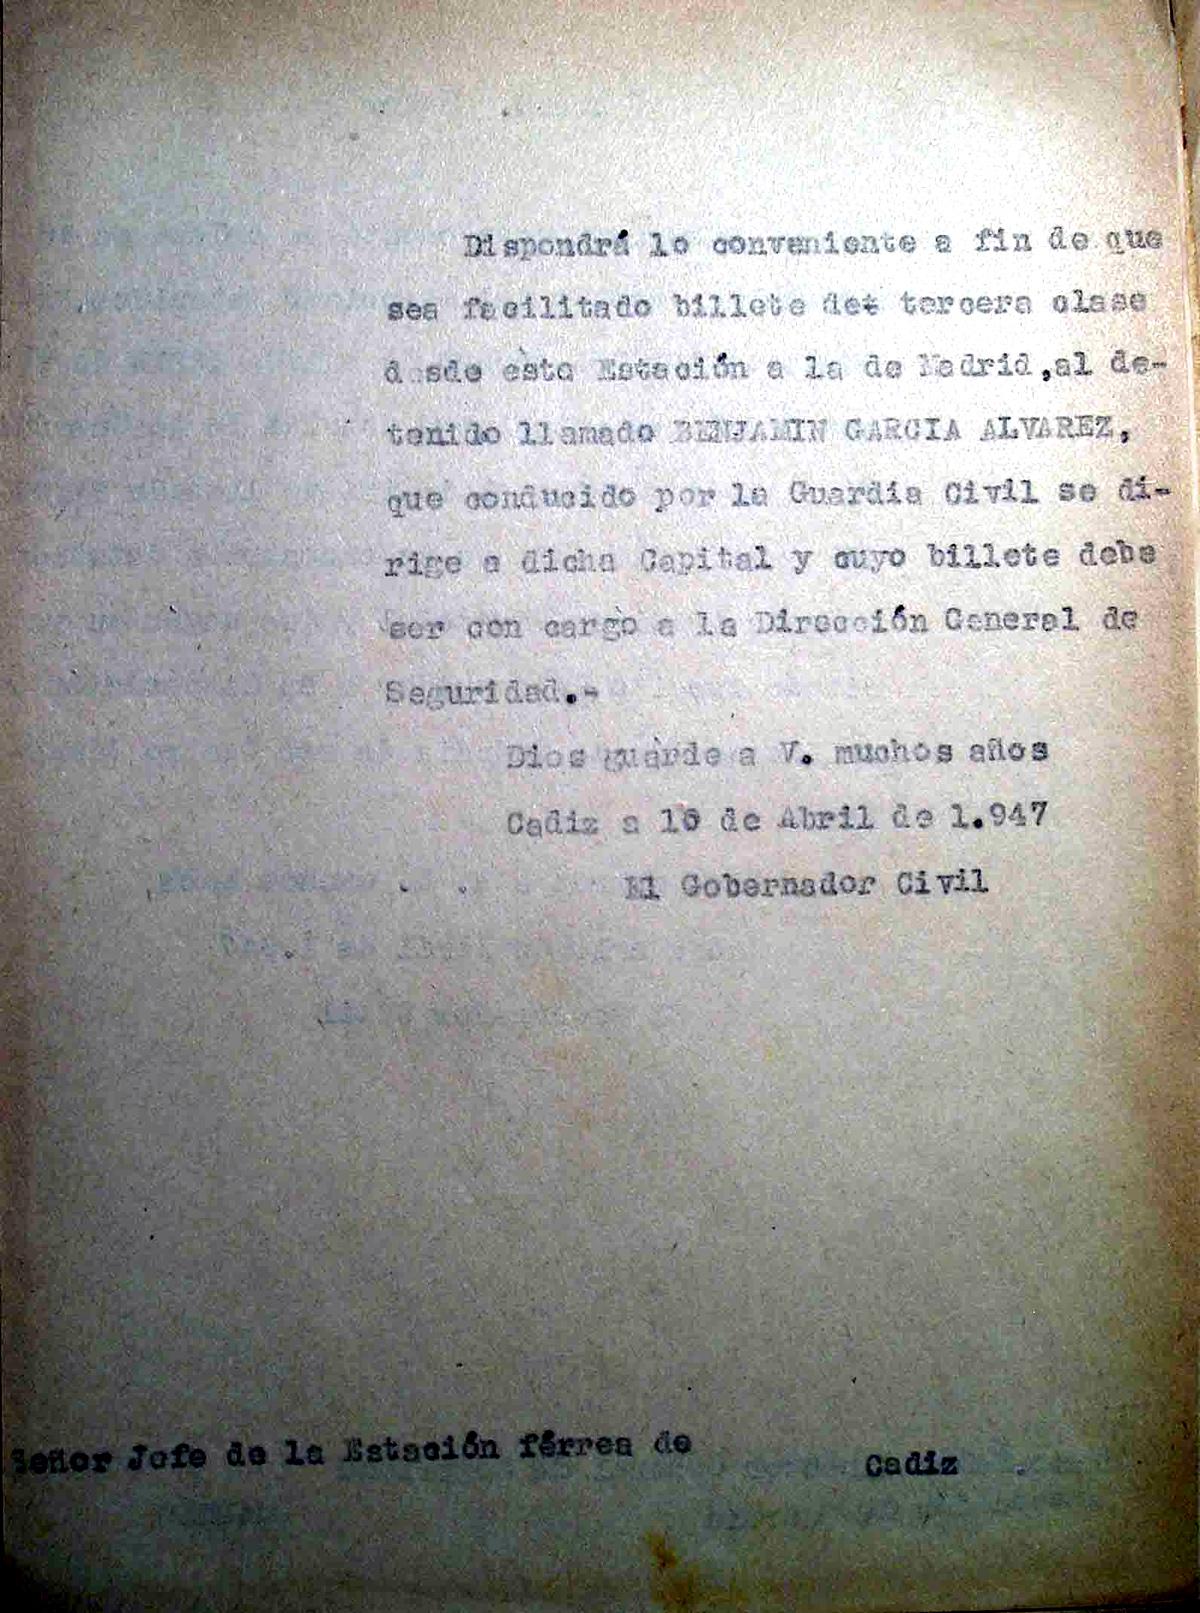 Solicitud de billete de ferrocarril para el traslado de Benjamín García Álvarez